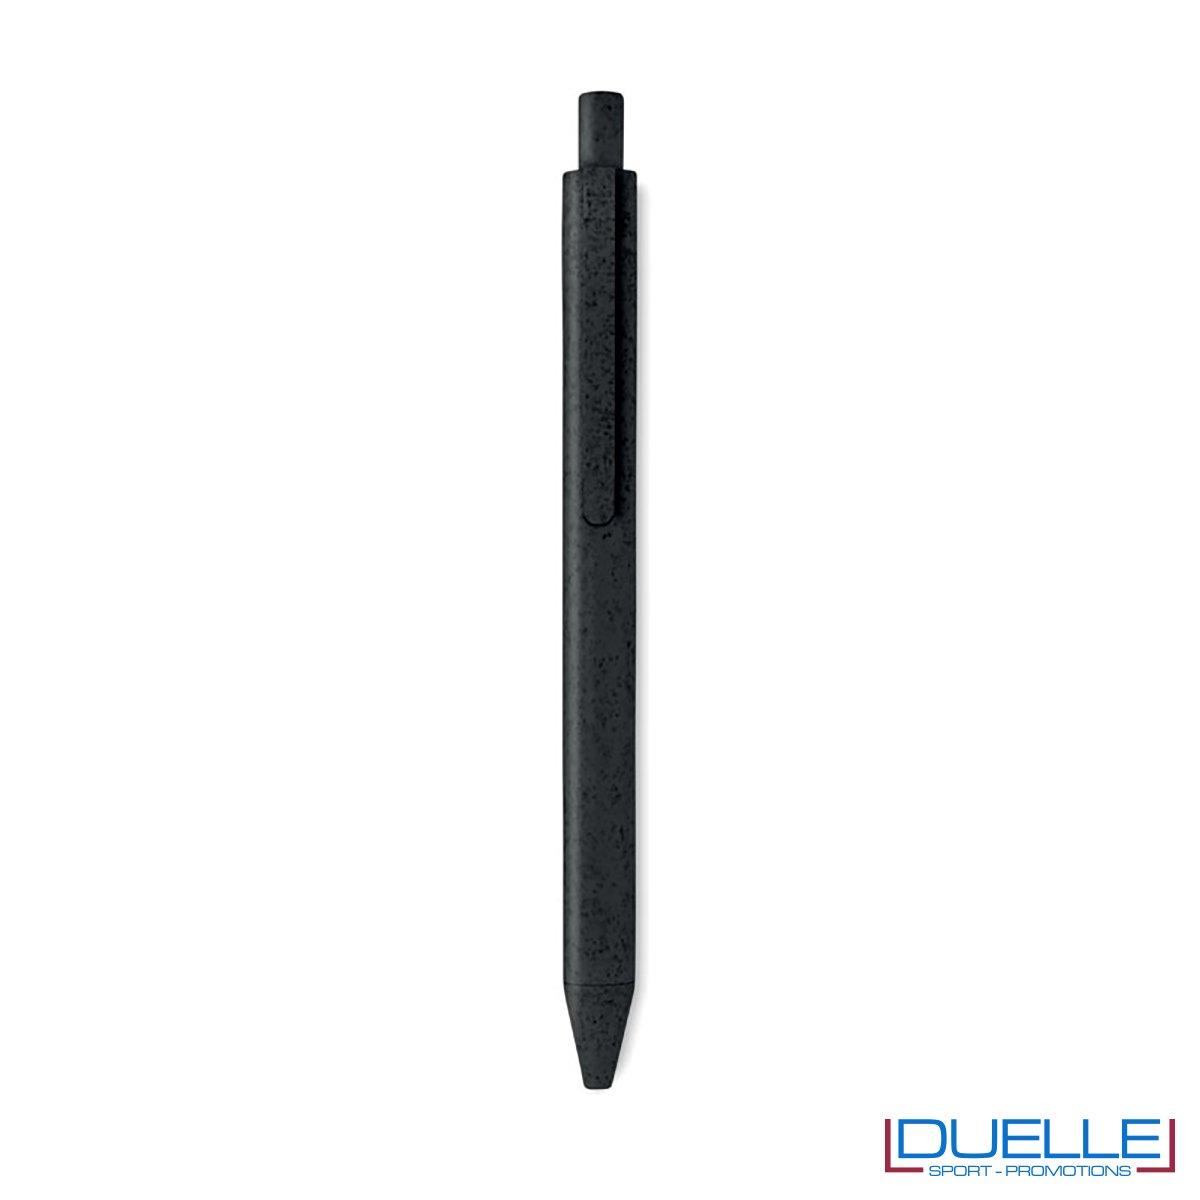 Penna ecologica in fibra di mais personalizzata colore nero